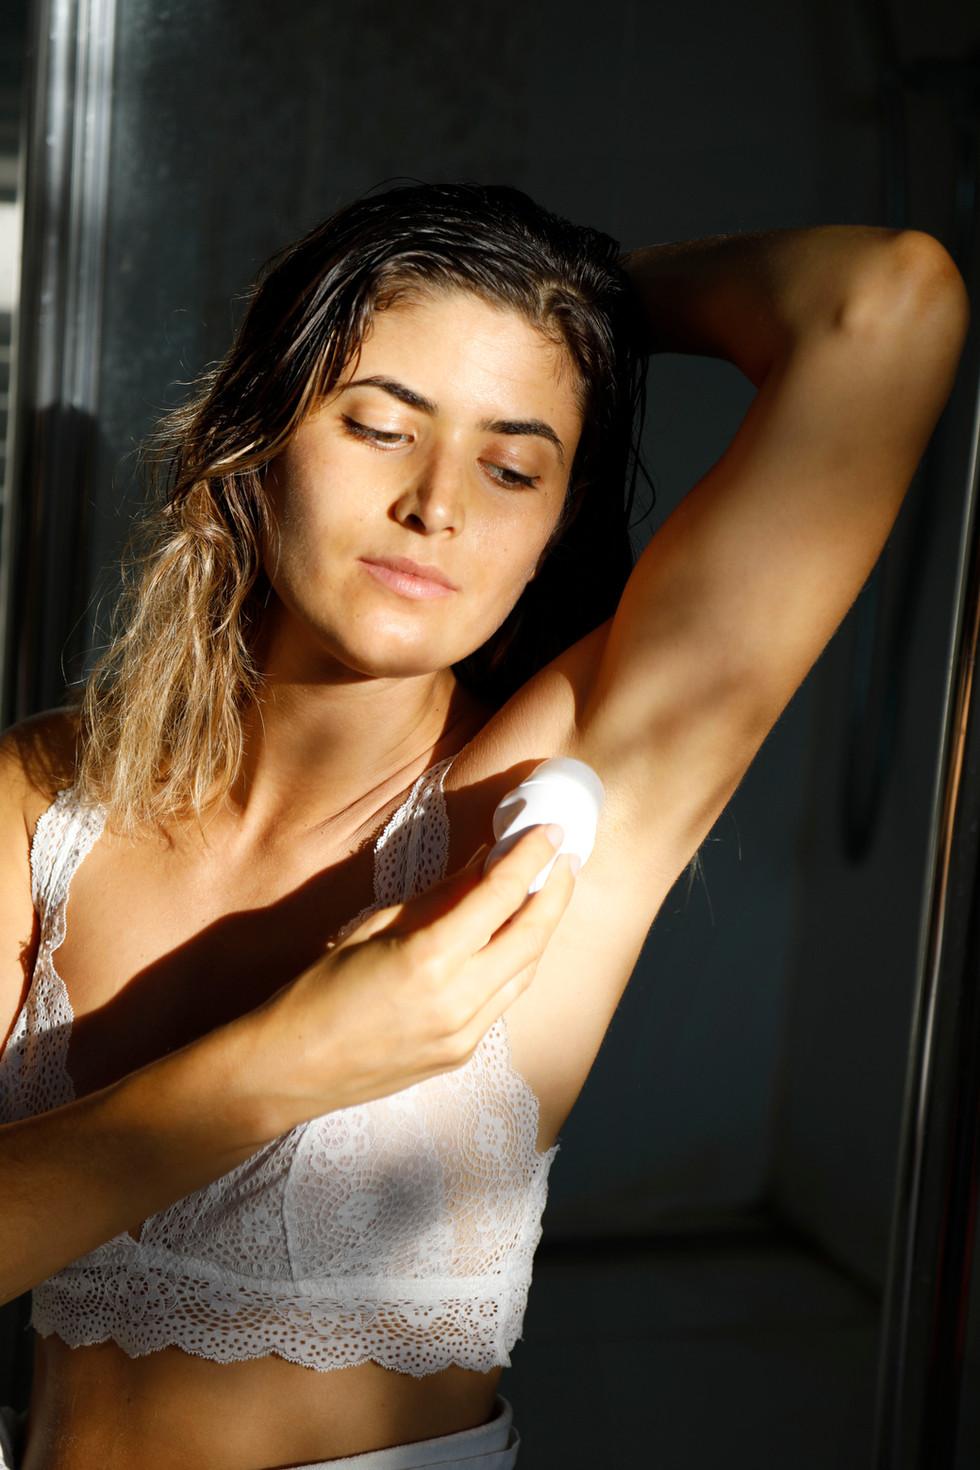 deodorant02.jpg